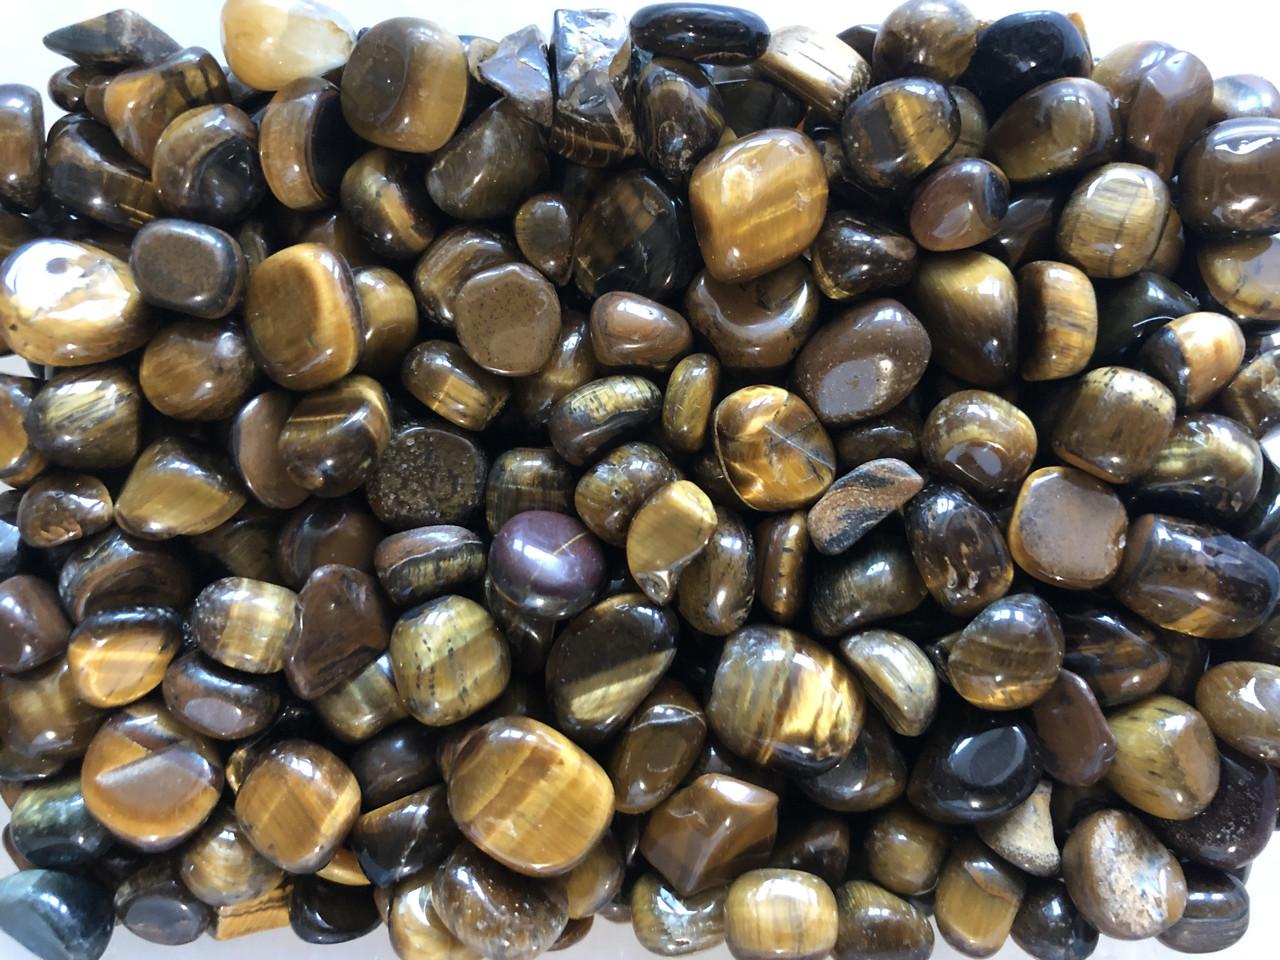 Натуральный камень крошка Тигровый глаз округленный +-10 мм (10 грамм). Камінь Око крихта натуральний